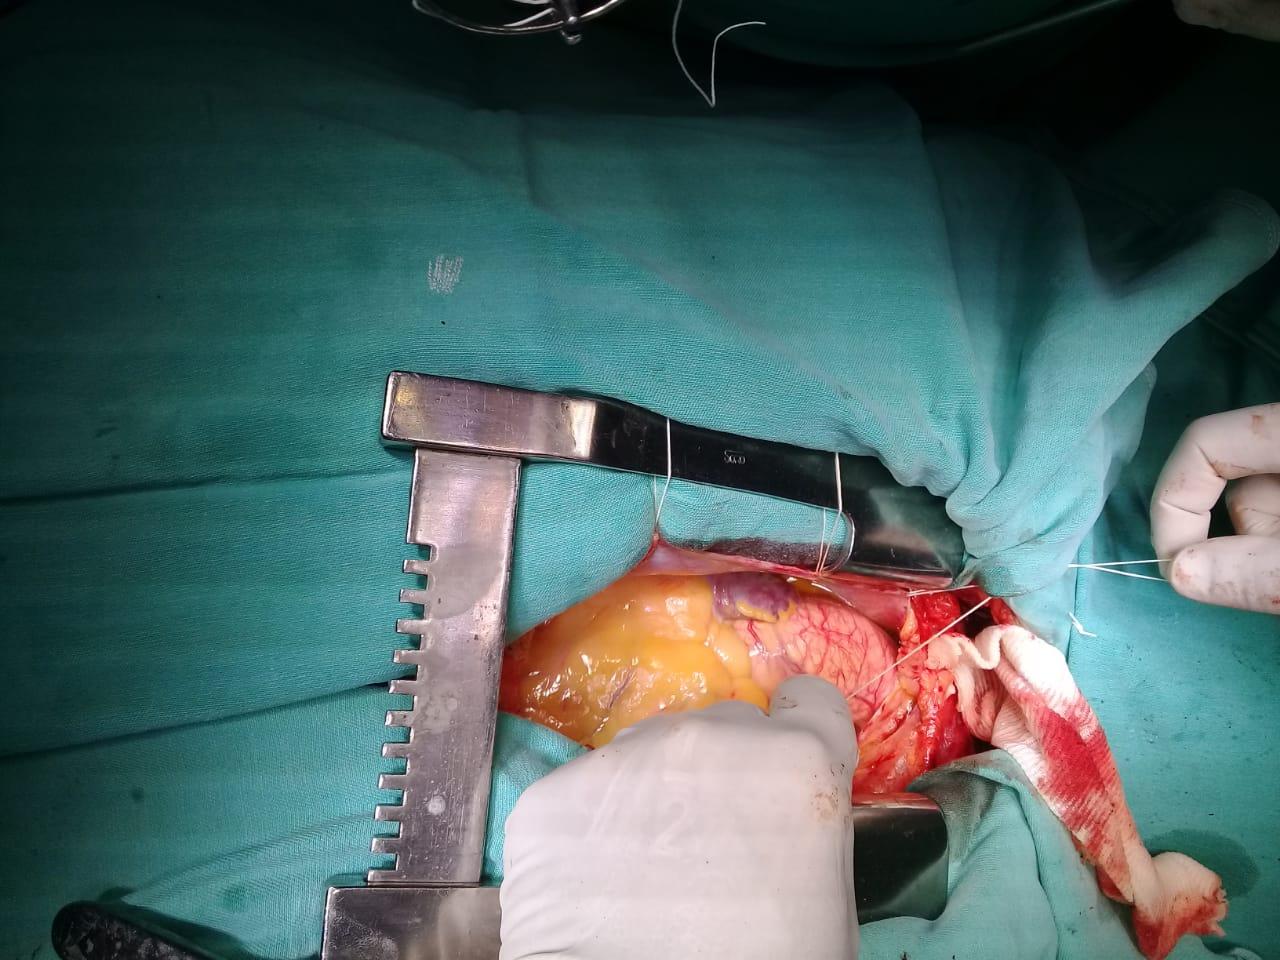 Hace un año realizaban el primer trasplante de tejidos cardíacos en La Pampa